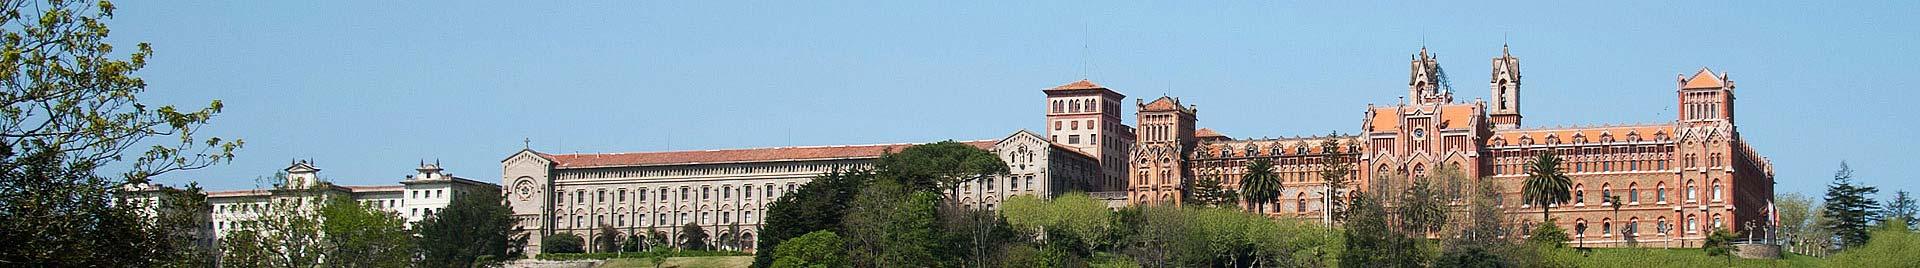 Patrimonio histórico y cultural